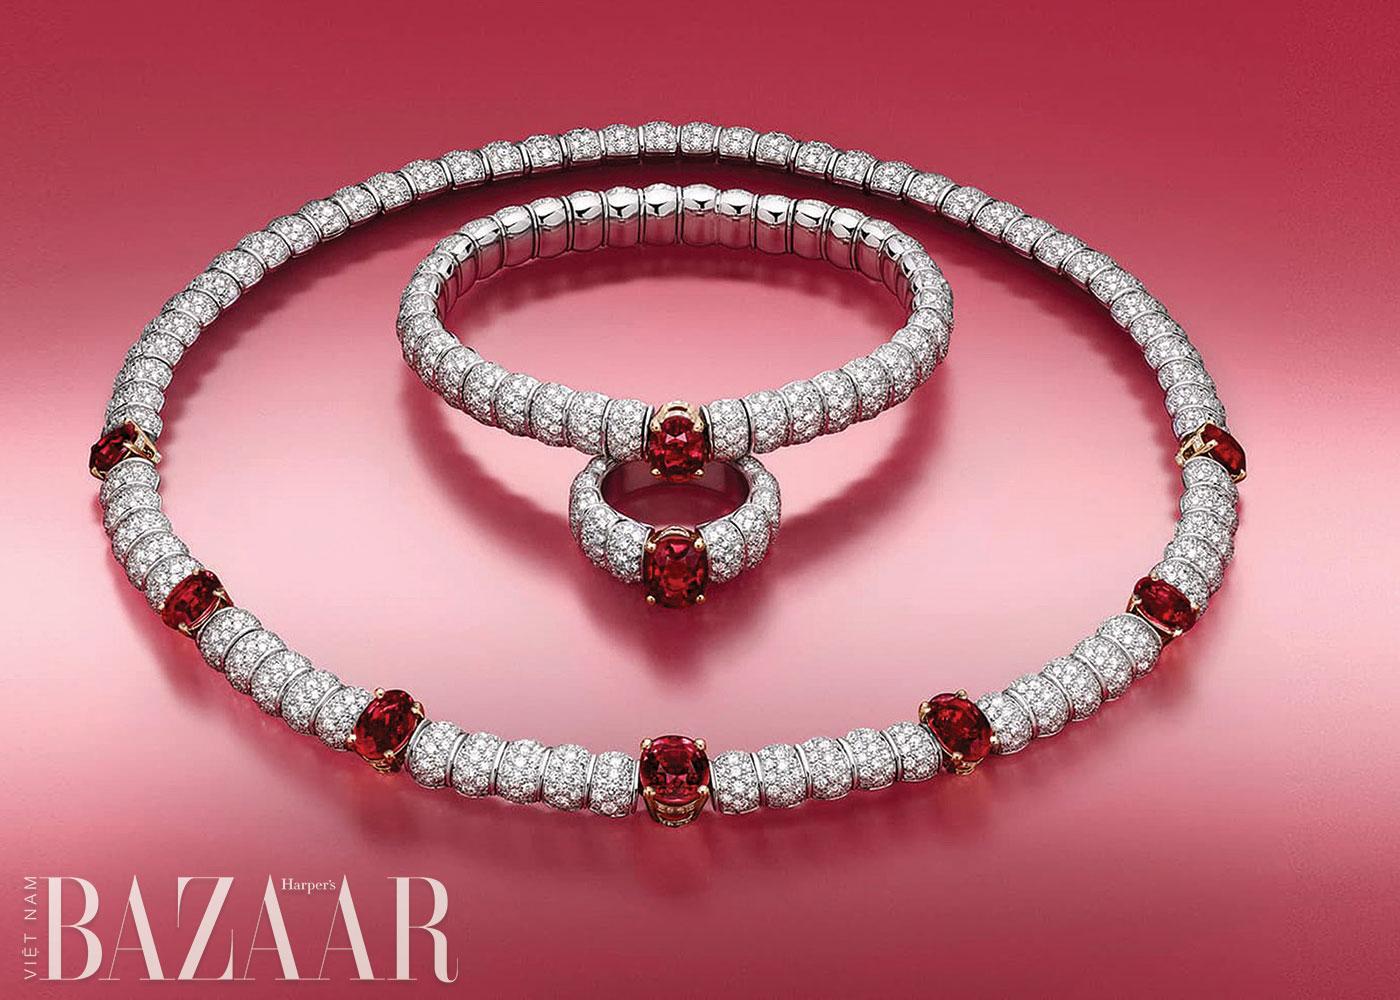 7 điều bạn cần biết trước khi mua đá quý hồng ngọc 4